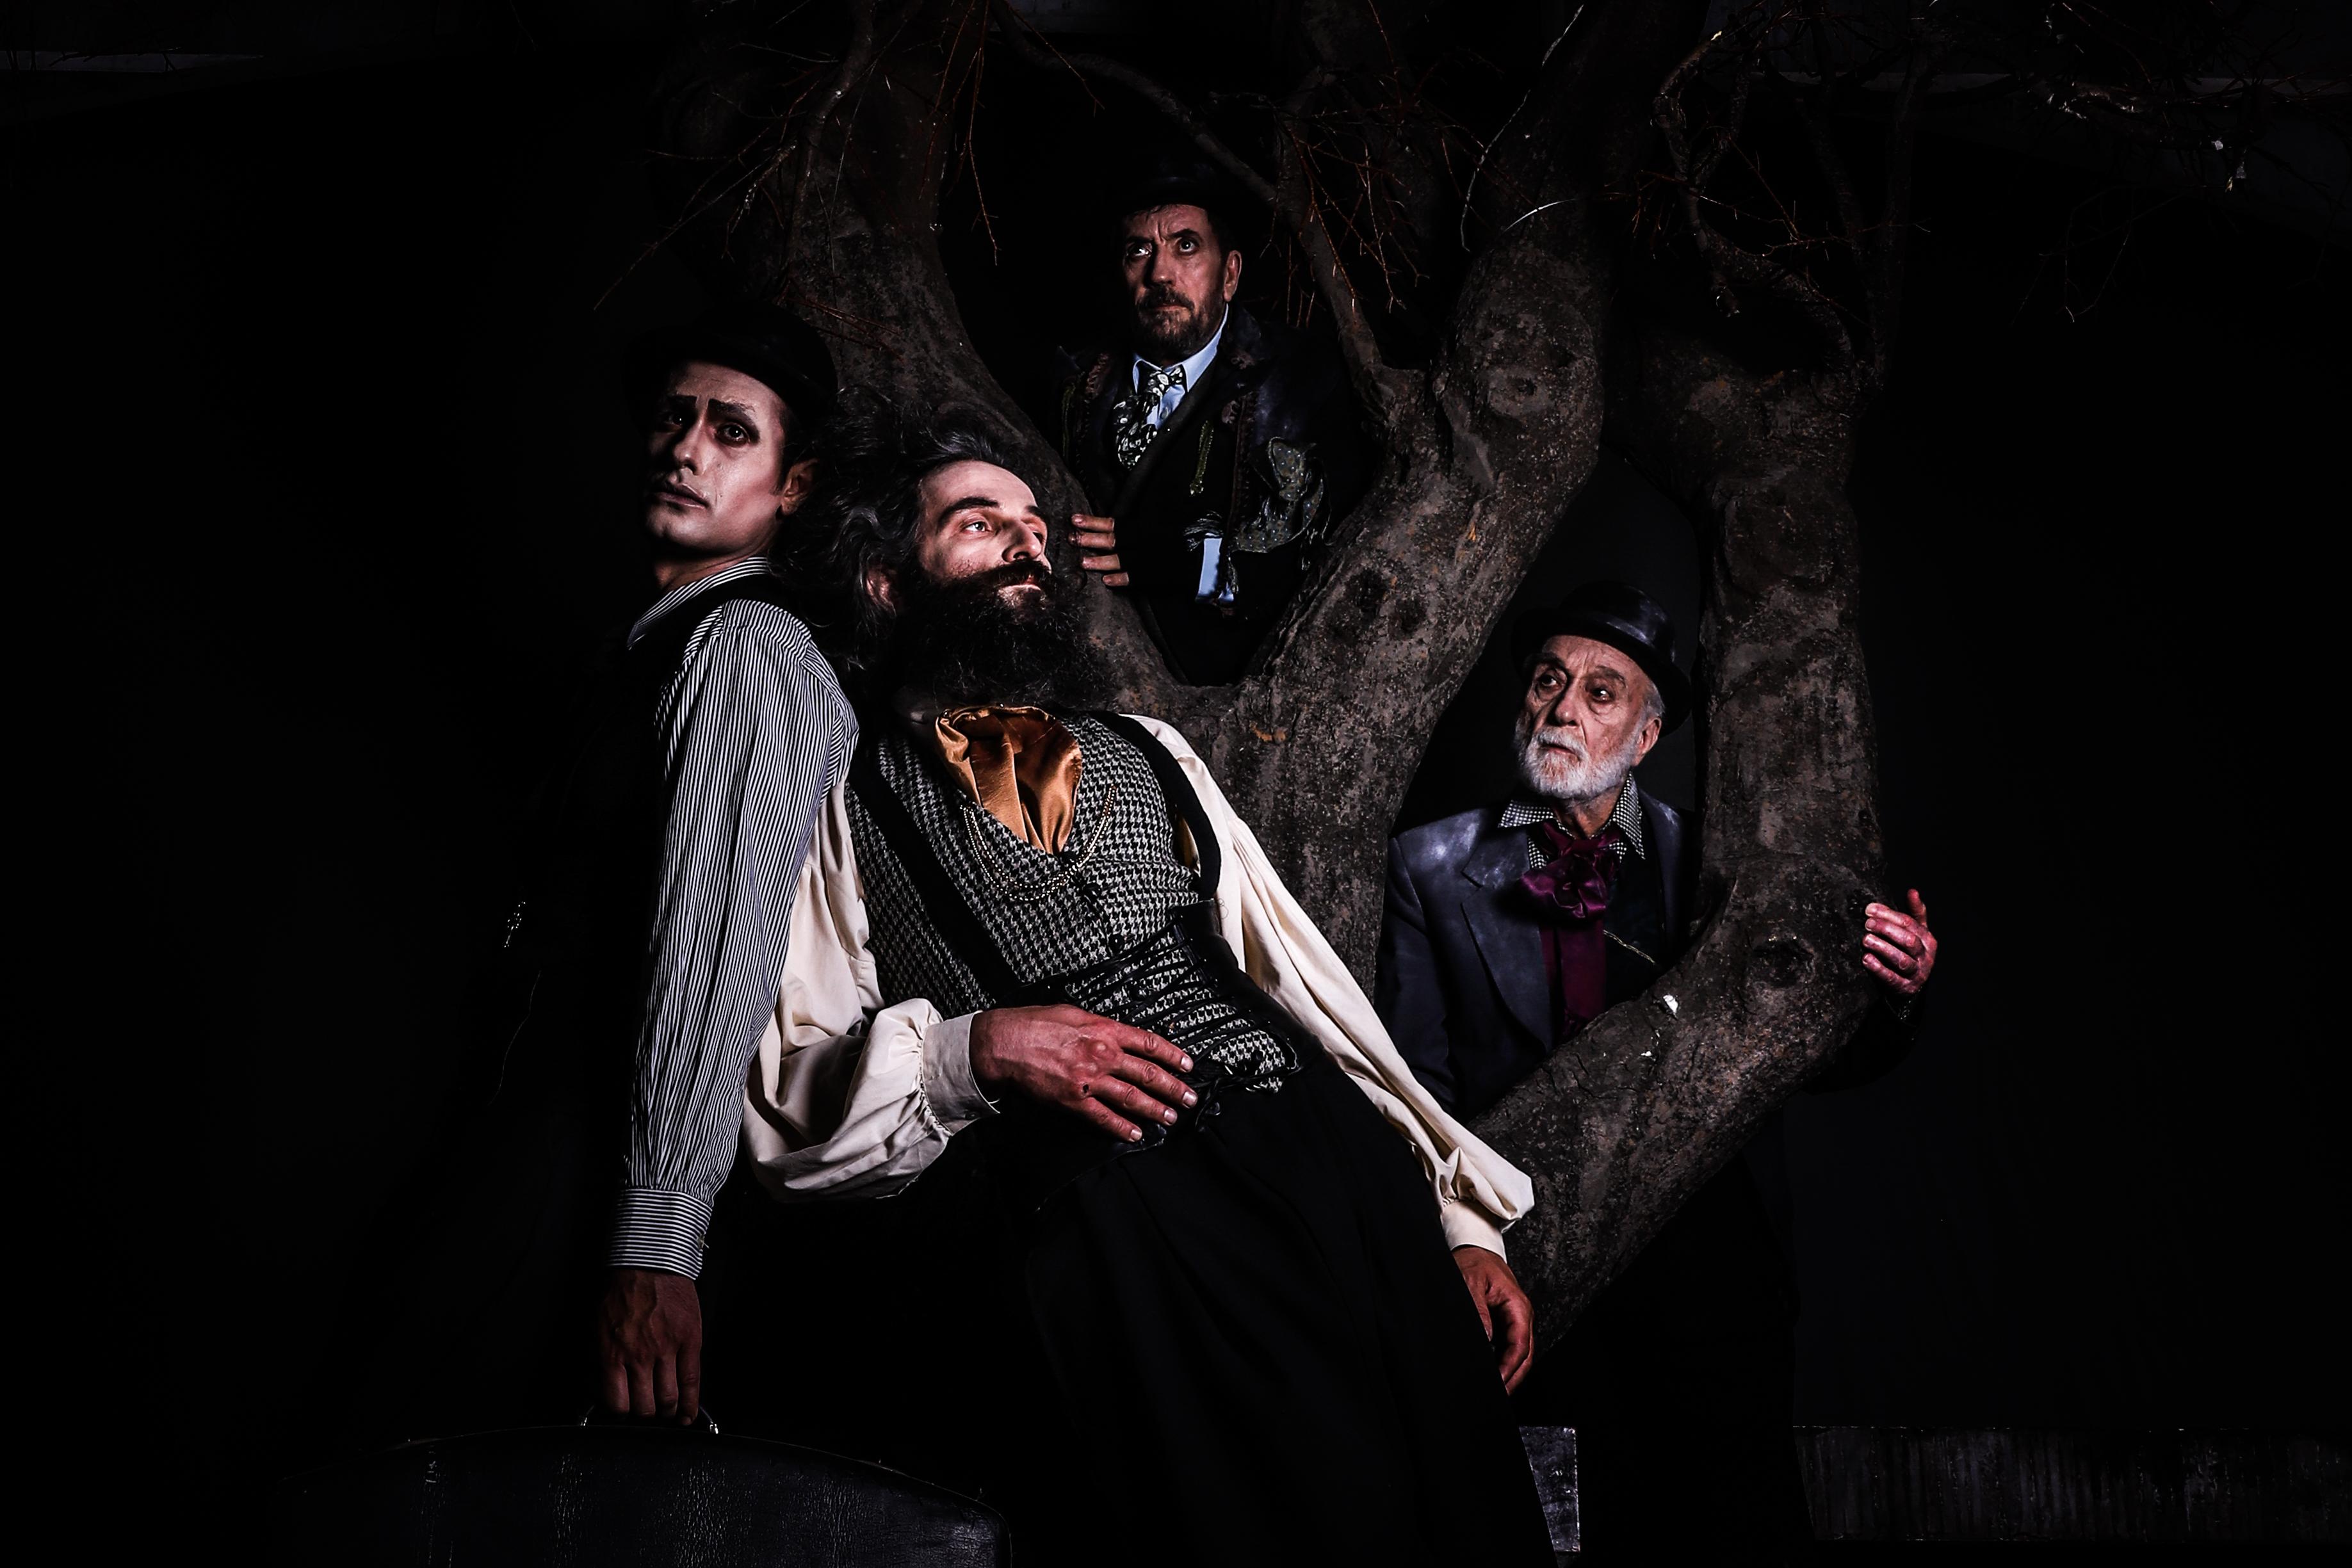 «Περιμένοντας τον Γκοντό», 25, 26 και 27 Αυγούστου στο Θέατρο Δάσους